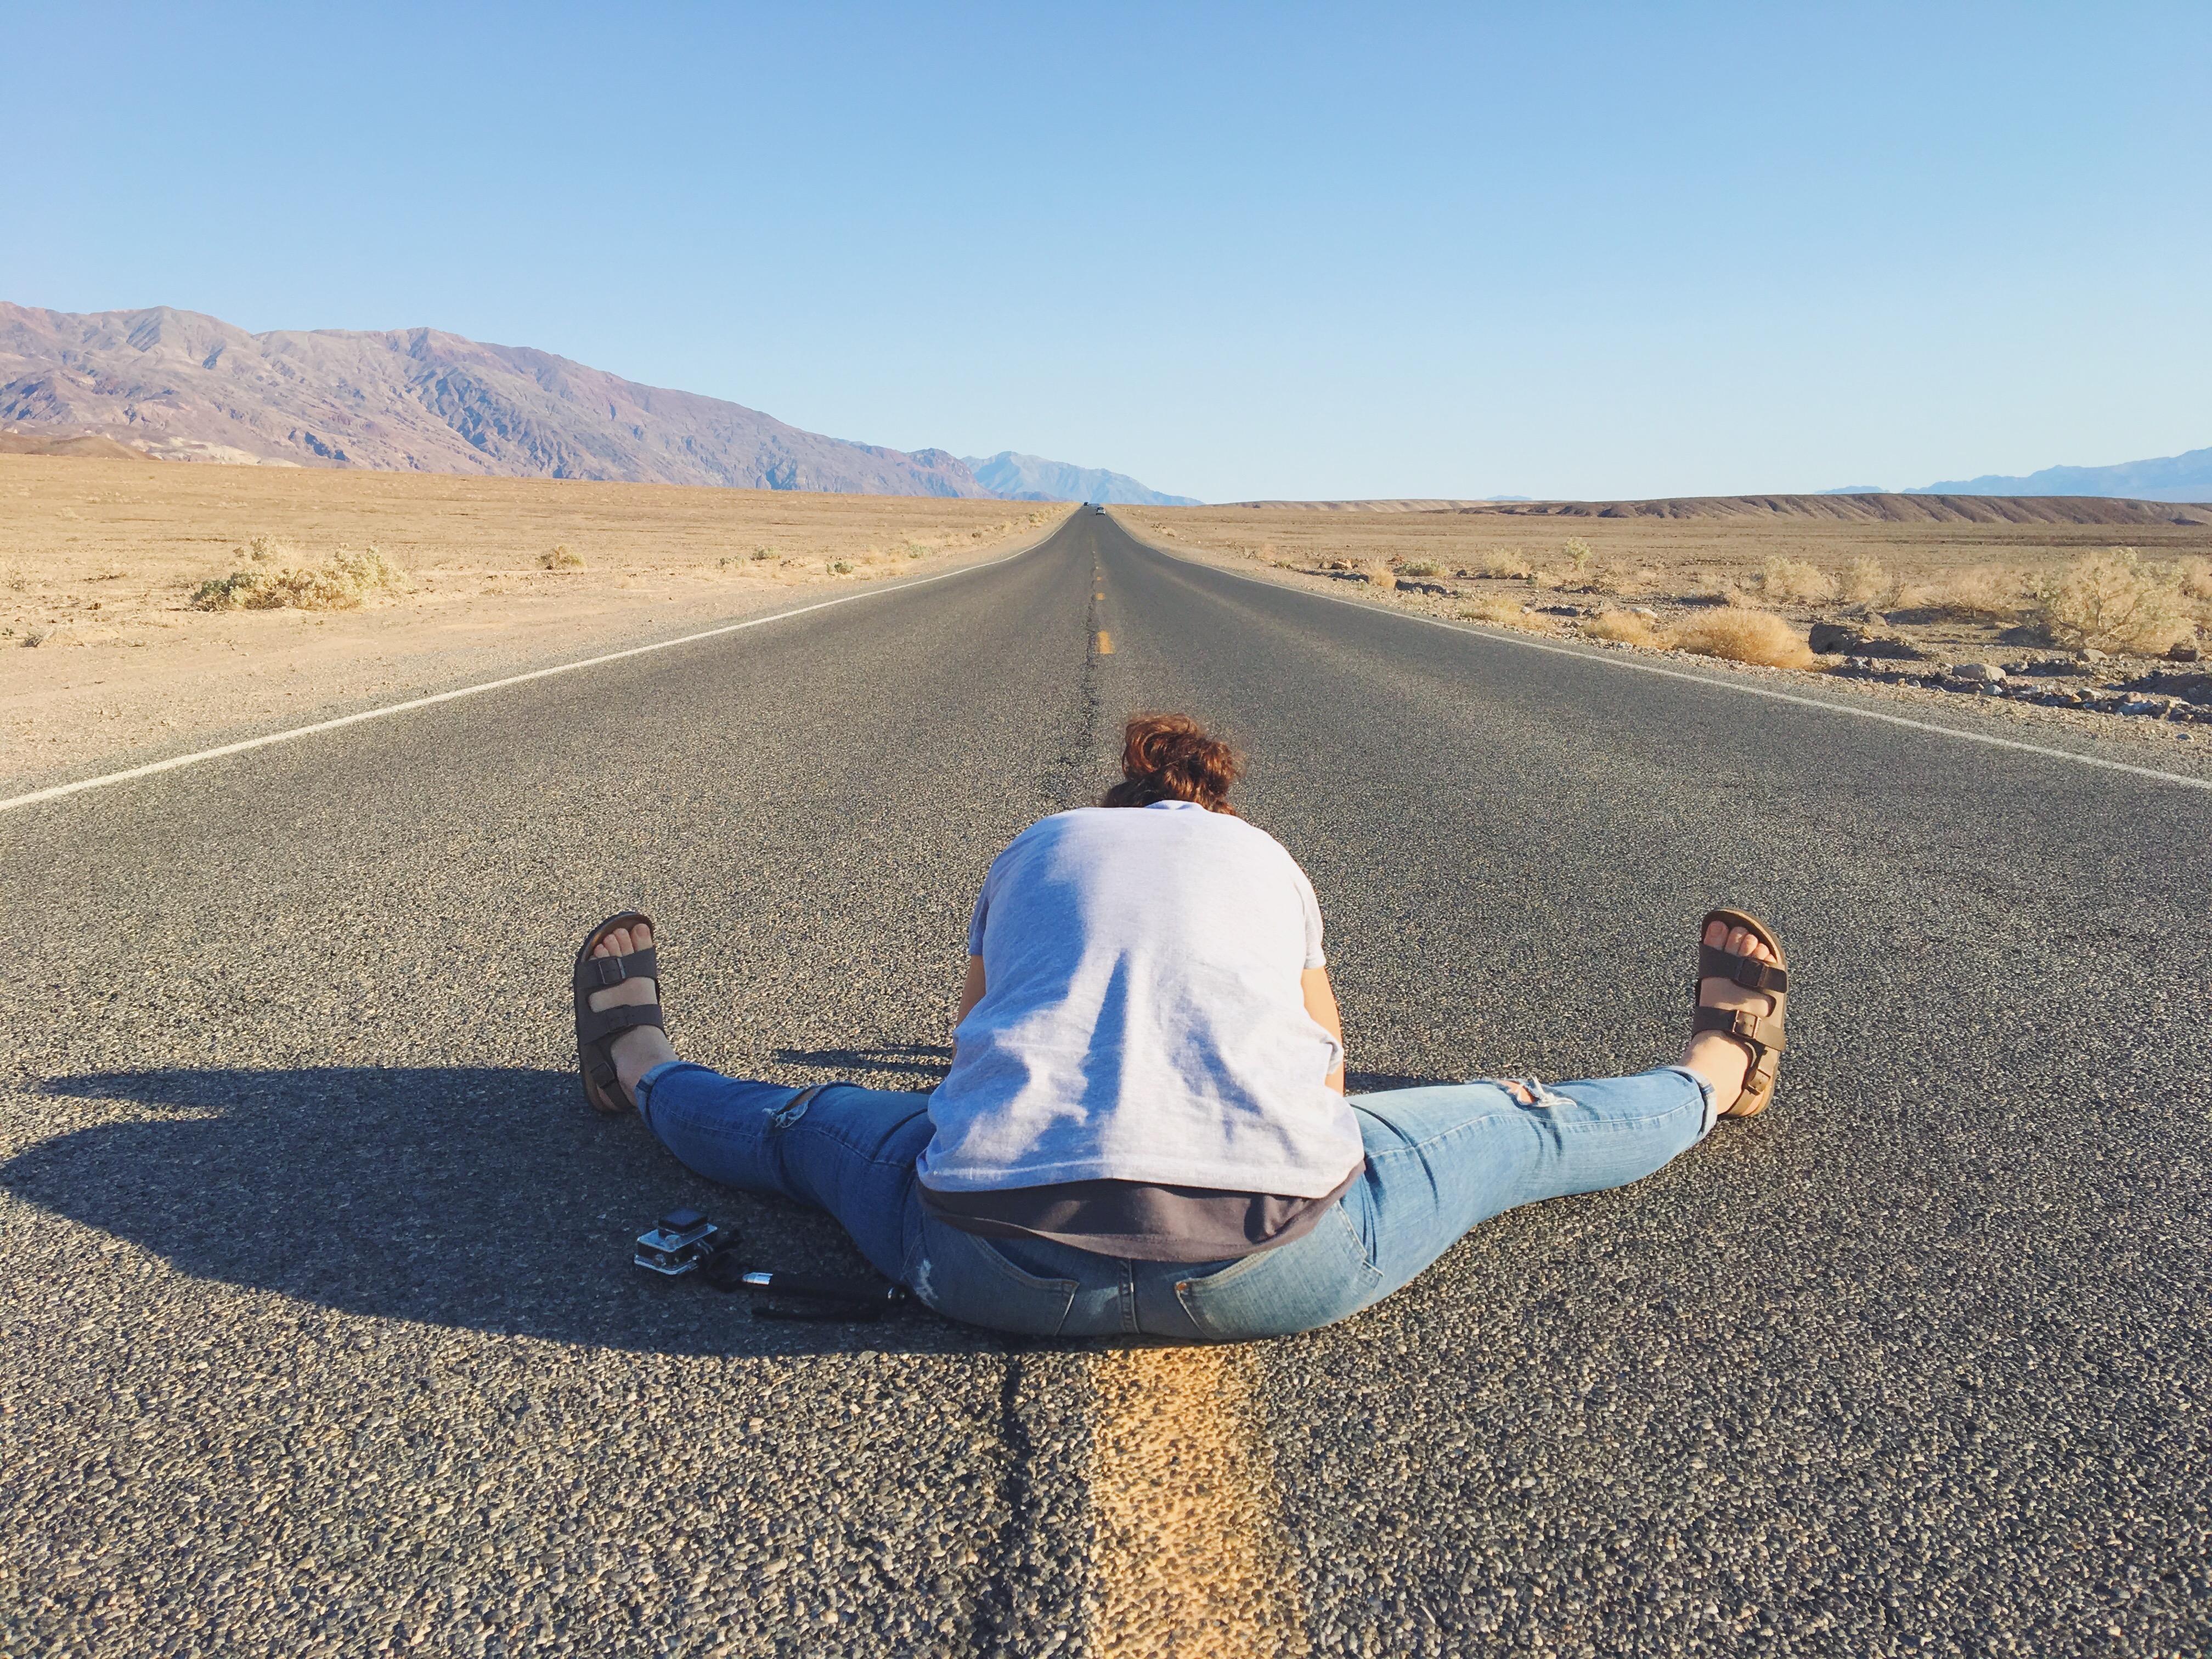 Le strade deserte della California